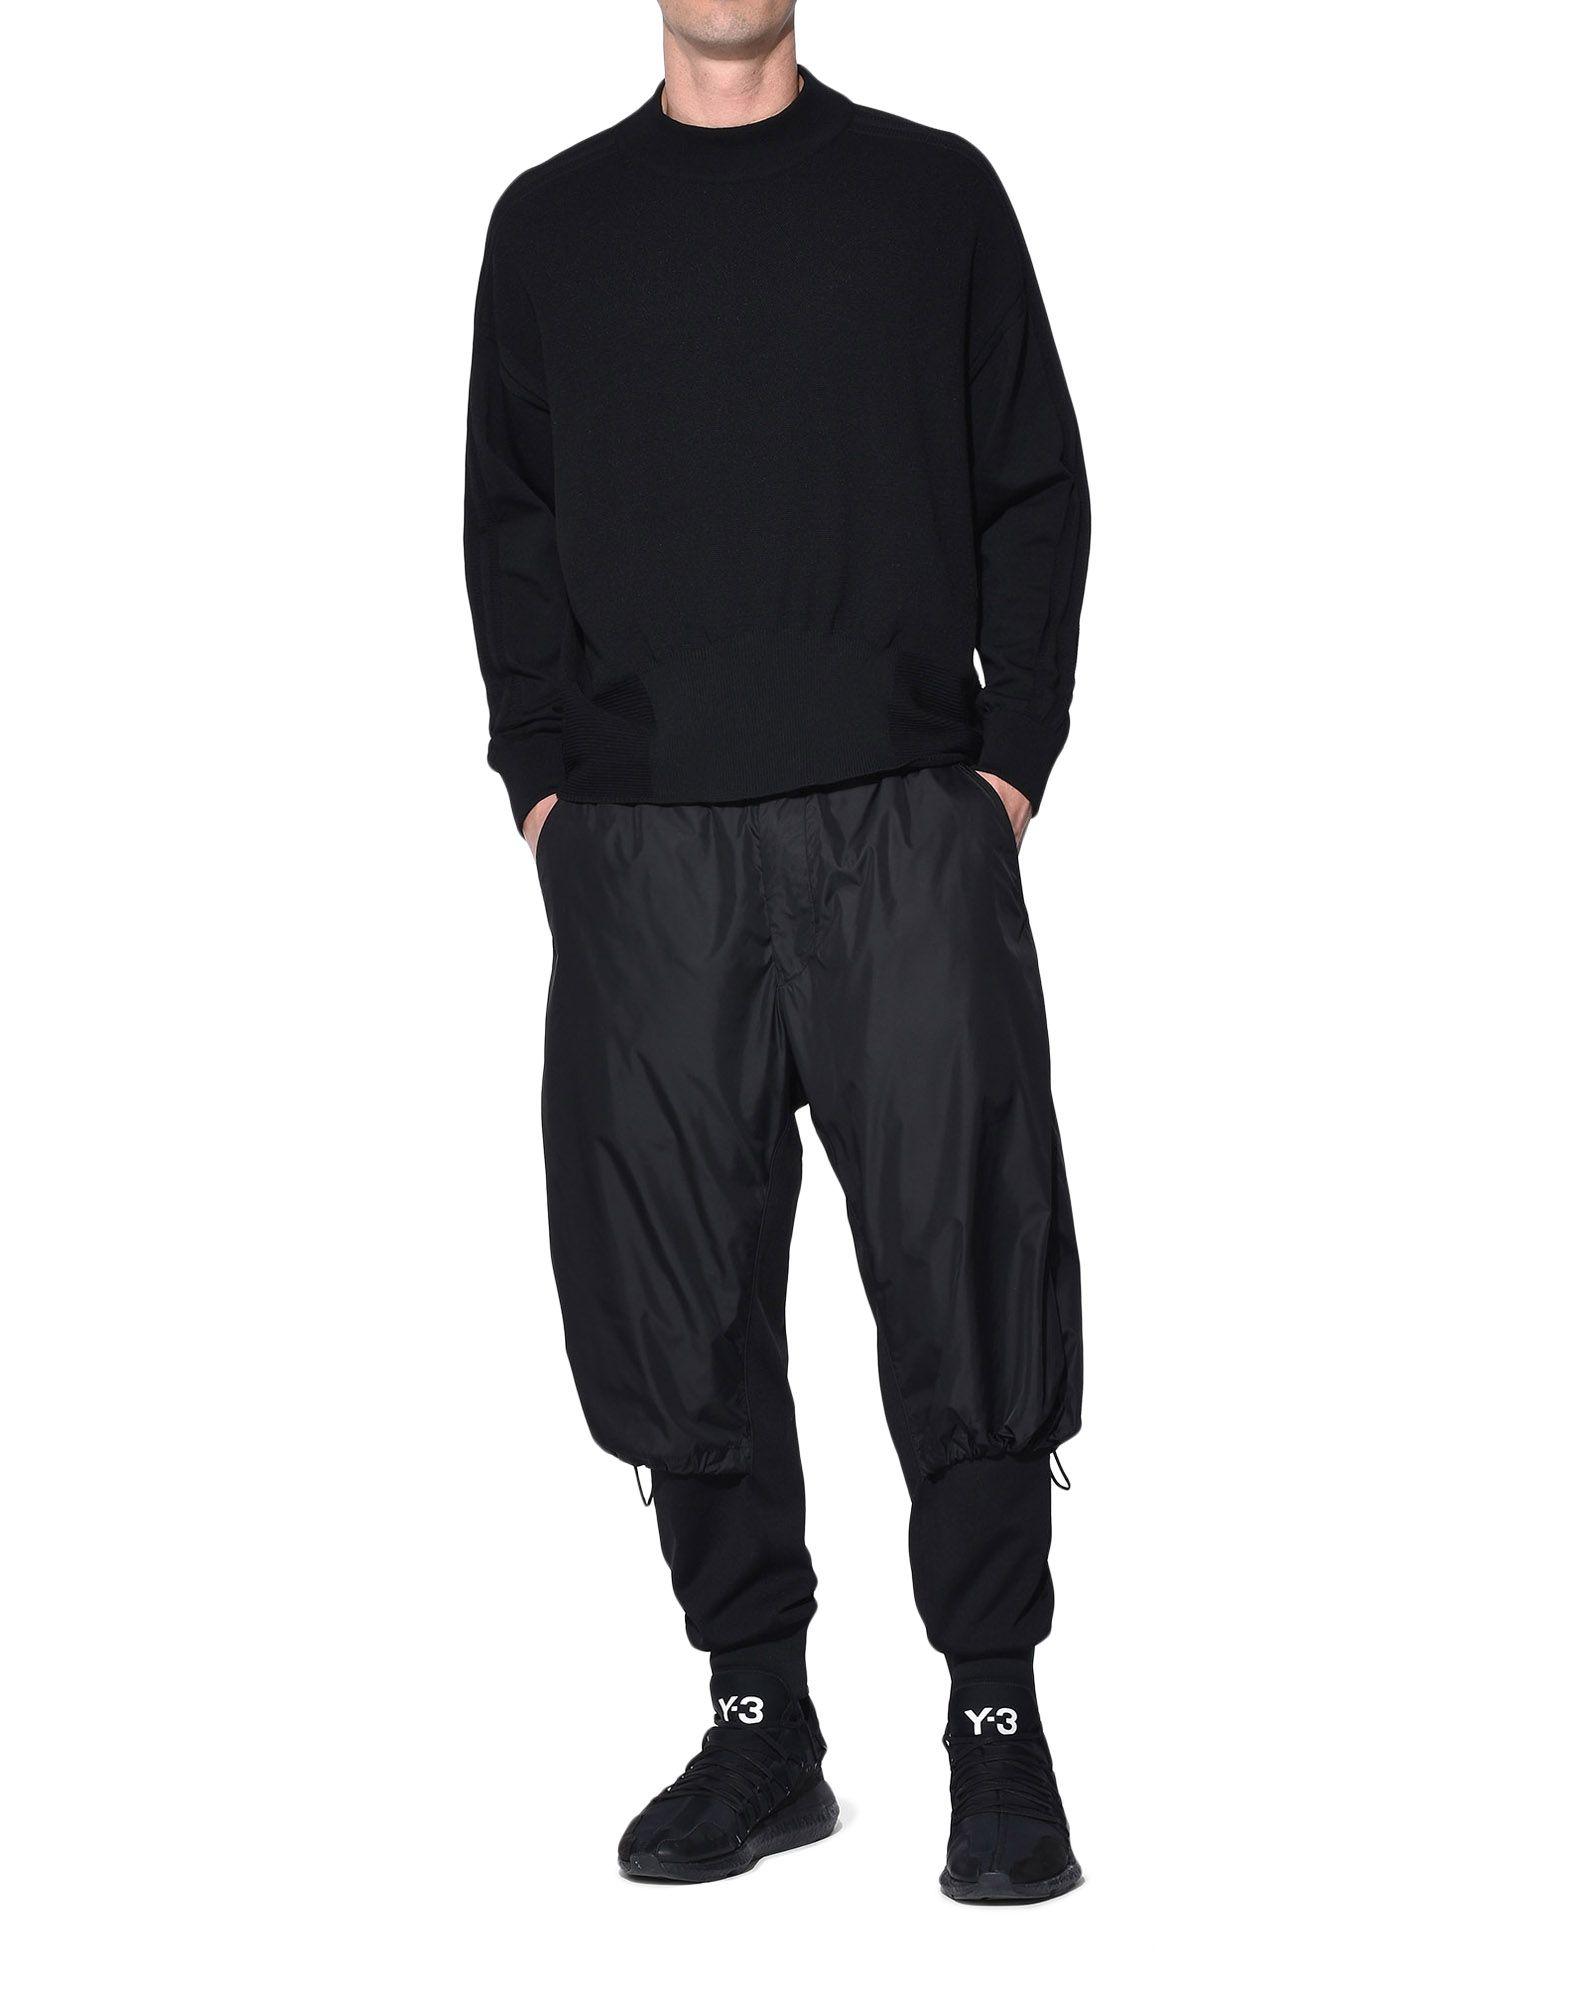 Y-3 Y-3 Tech Wool Sweater Long sleeve jumper Man a